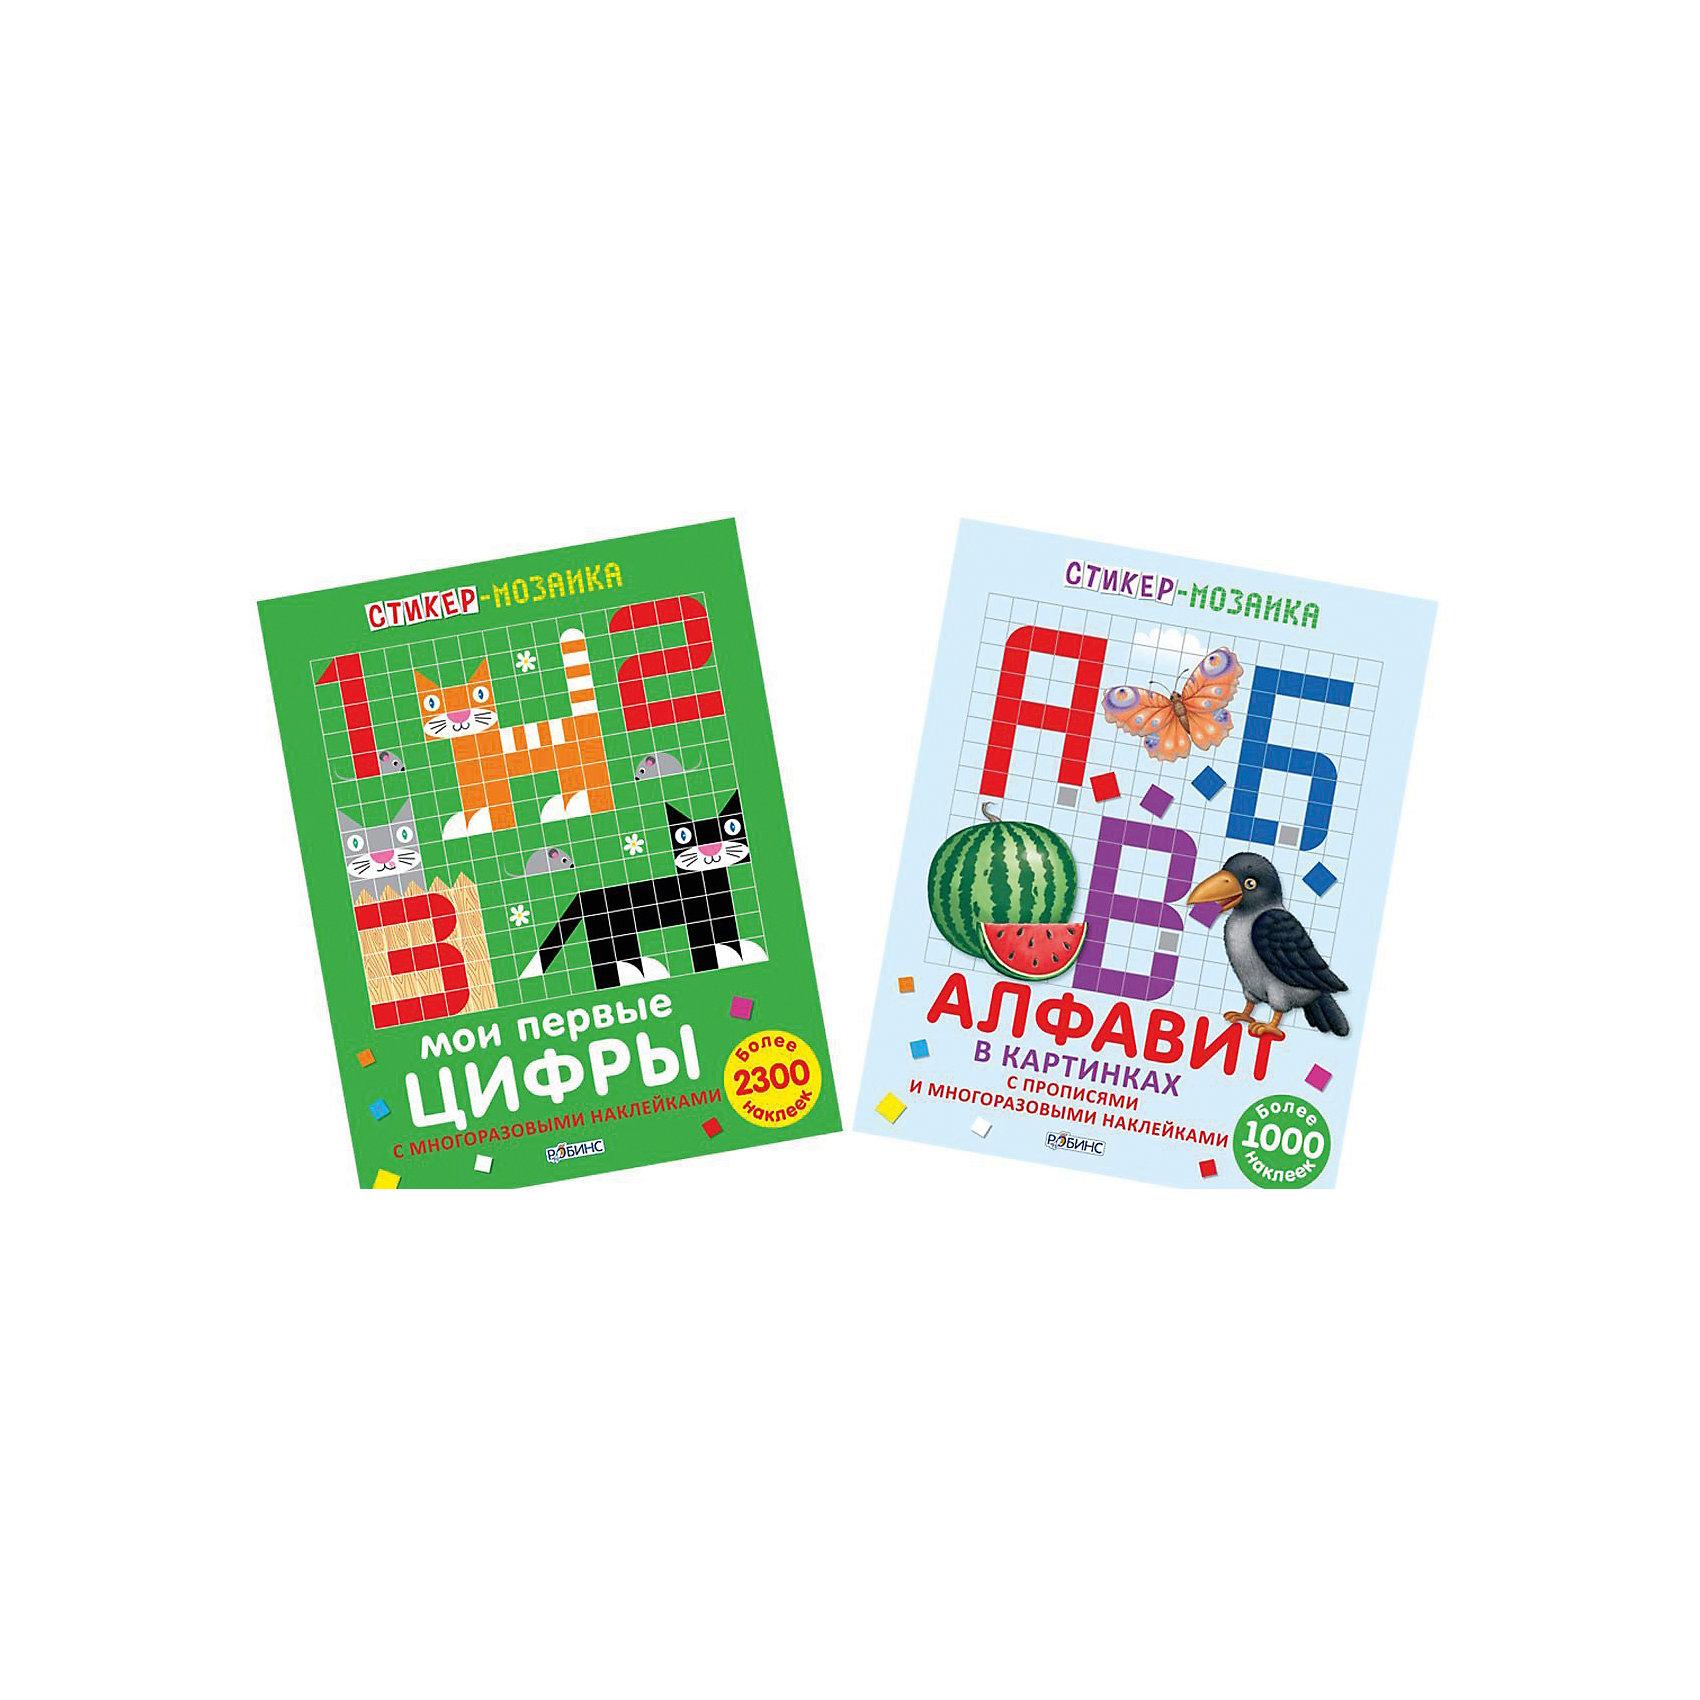 Комплект из 2 книг Стикер-мозаика: Буквы и цифрыОбучающие книги<br>В состав комплекта входят две стикер-мозаики для изучения букв и цифр. Книжки с многоразовыми наклйеками, прописями, ламинированными страничками на перфорации. Книжки специально разработаны для интересного и веселого изучения алфавита и цифр.<br><br>Ширина мм: 278<br>Глубина мм: 215<br>Высота мм: 4<br>Вес г: 278<br>Возраст от месяцев: 60<br>Возраст до месяцев: 108<br>Пол: Унисекс<br>Возраст: Детский<br>SKU: 5034140